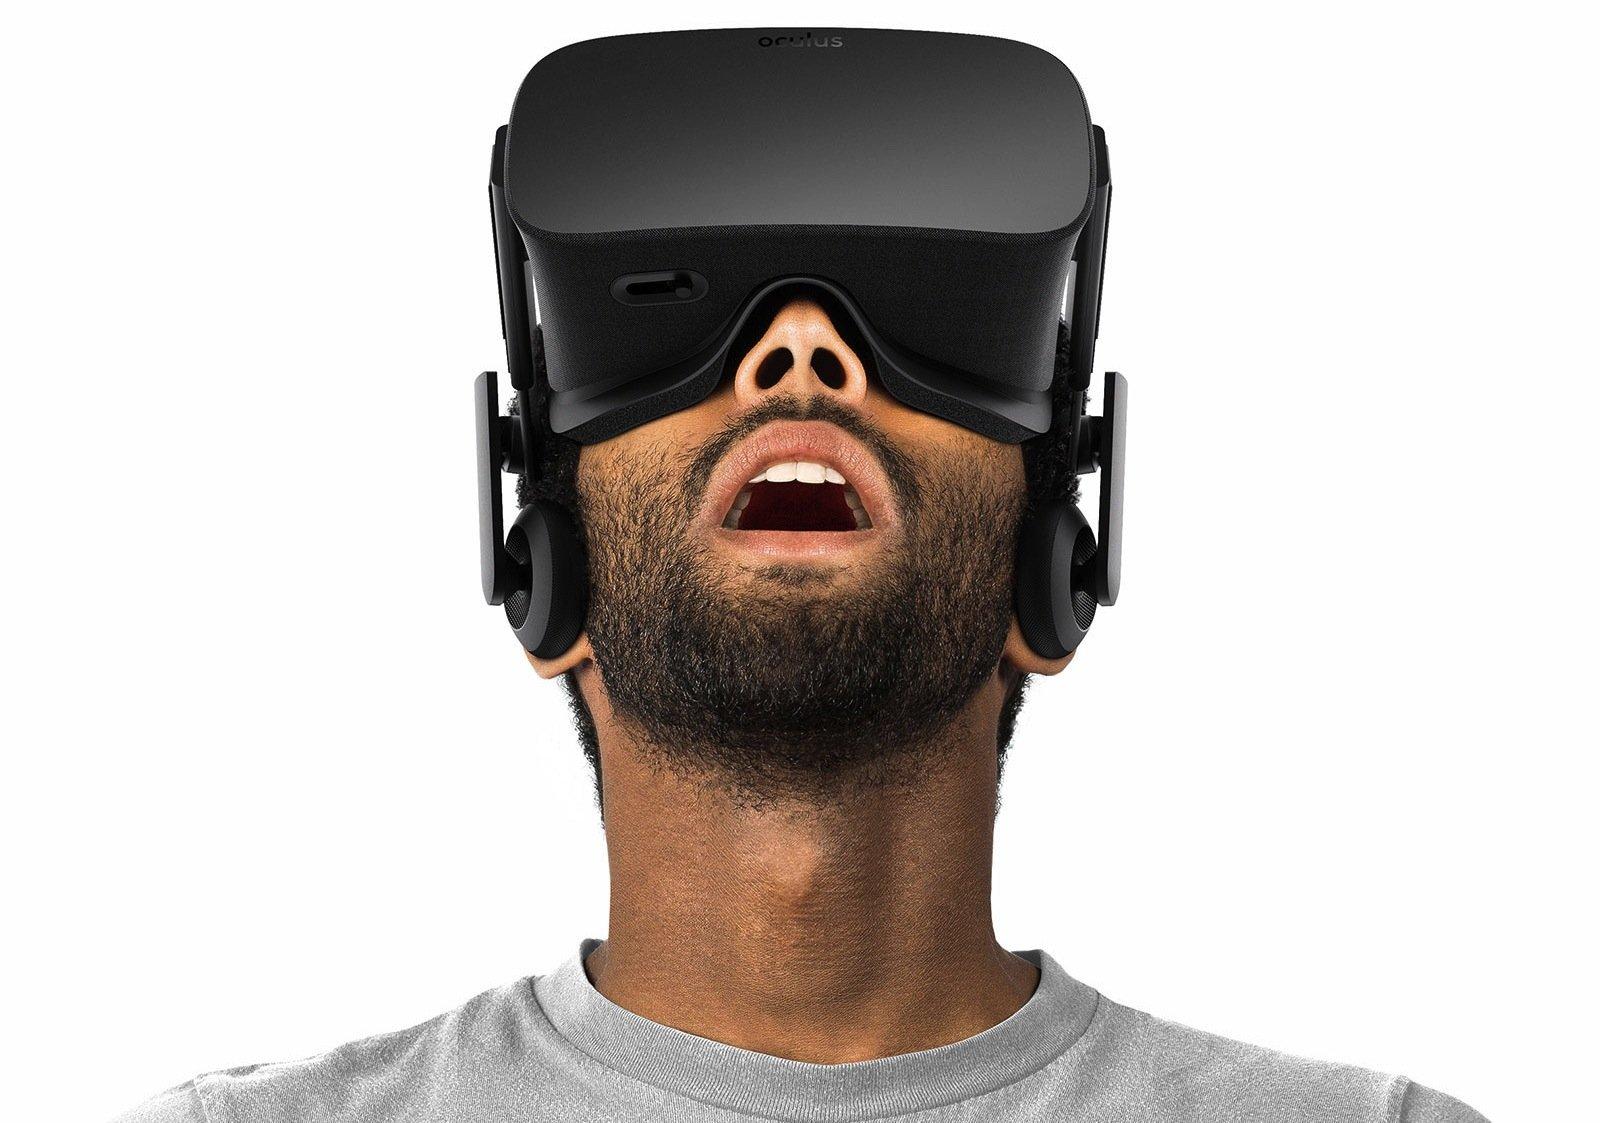 Seit Anfang der Woche liefert Oculus die Virtual Reality Brille Oculus Rift an Vorbesteller aus. Kostenpunkt: rund 700 €.